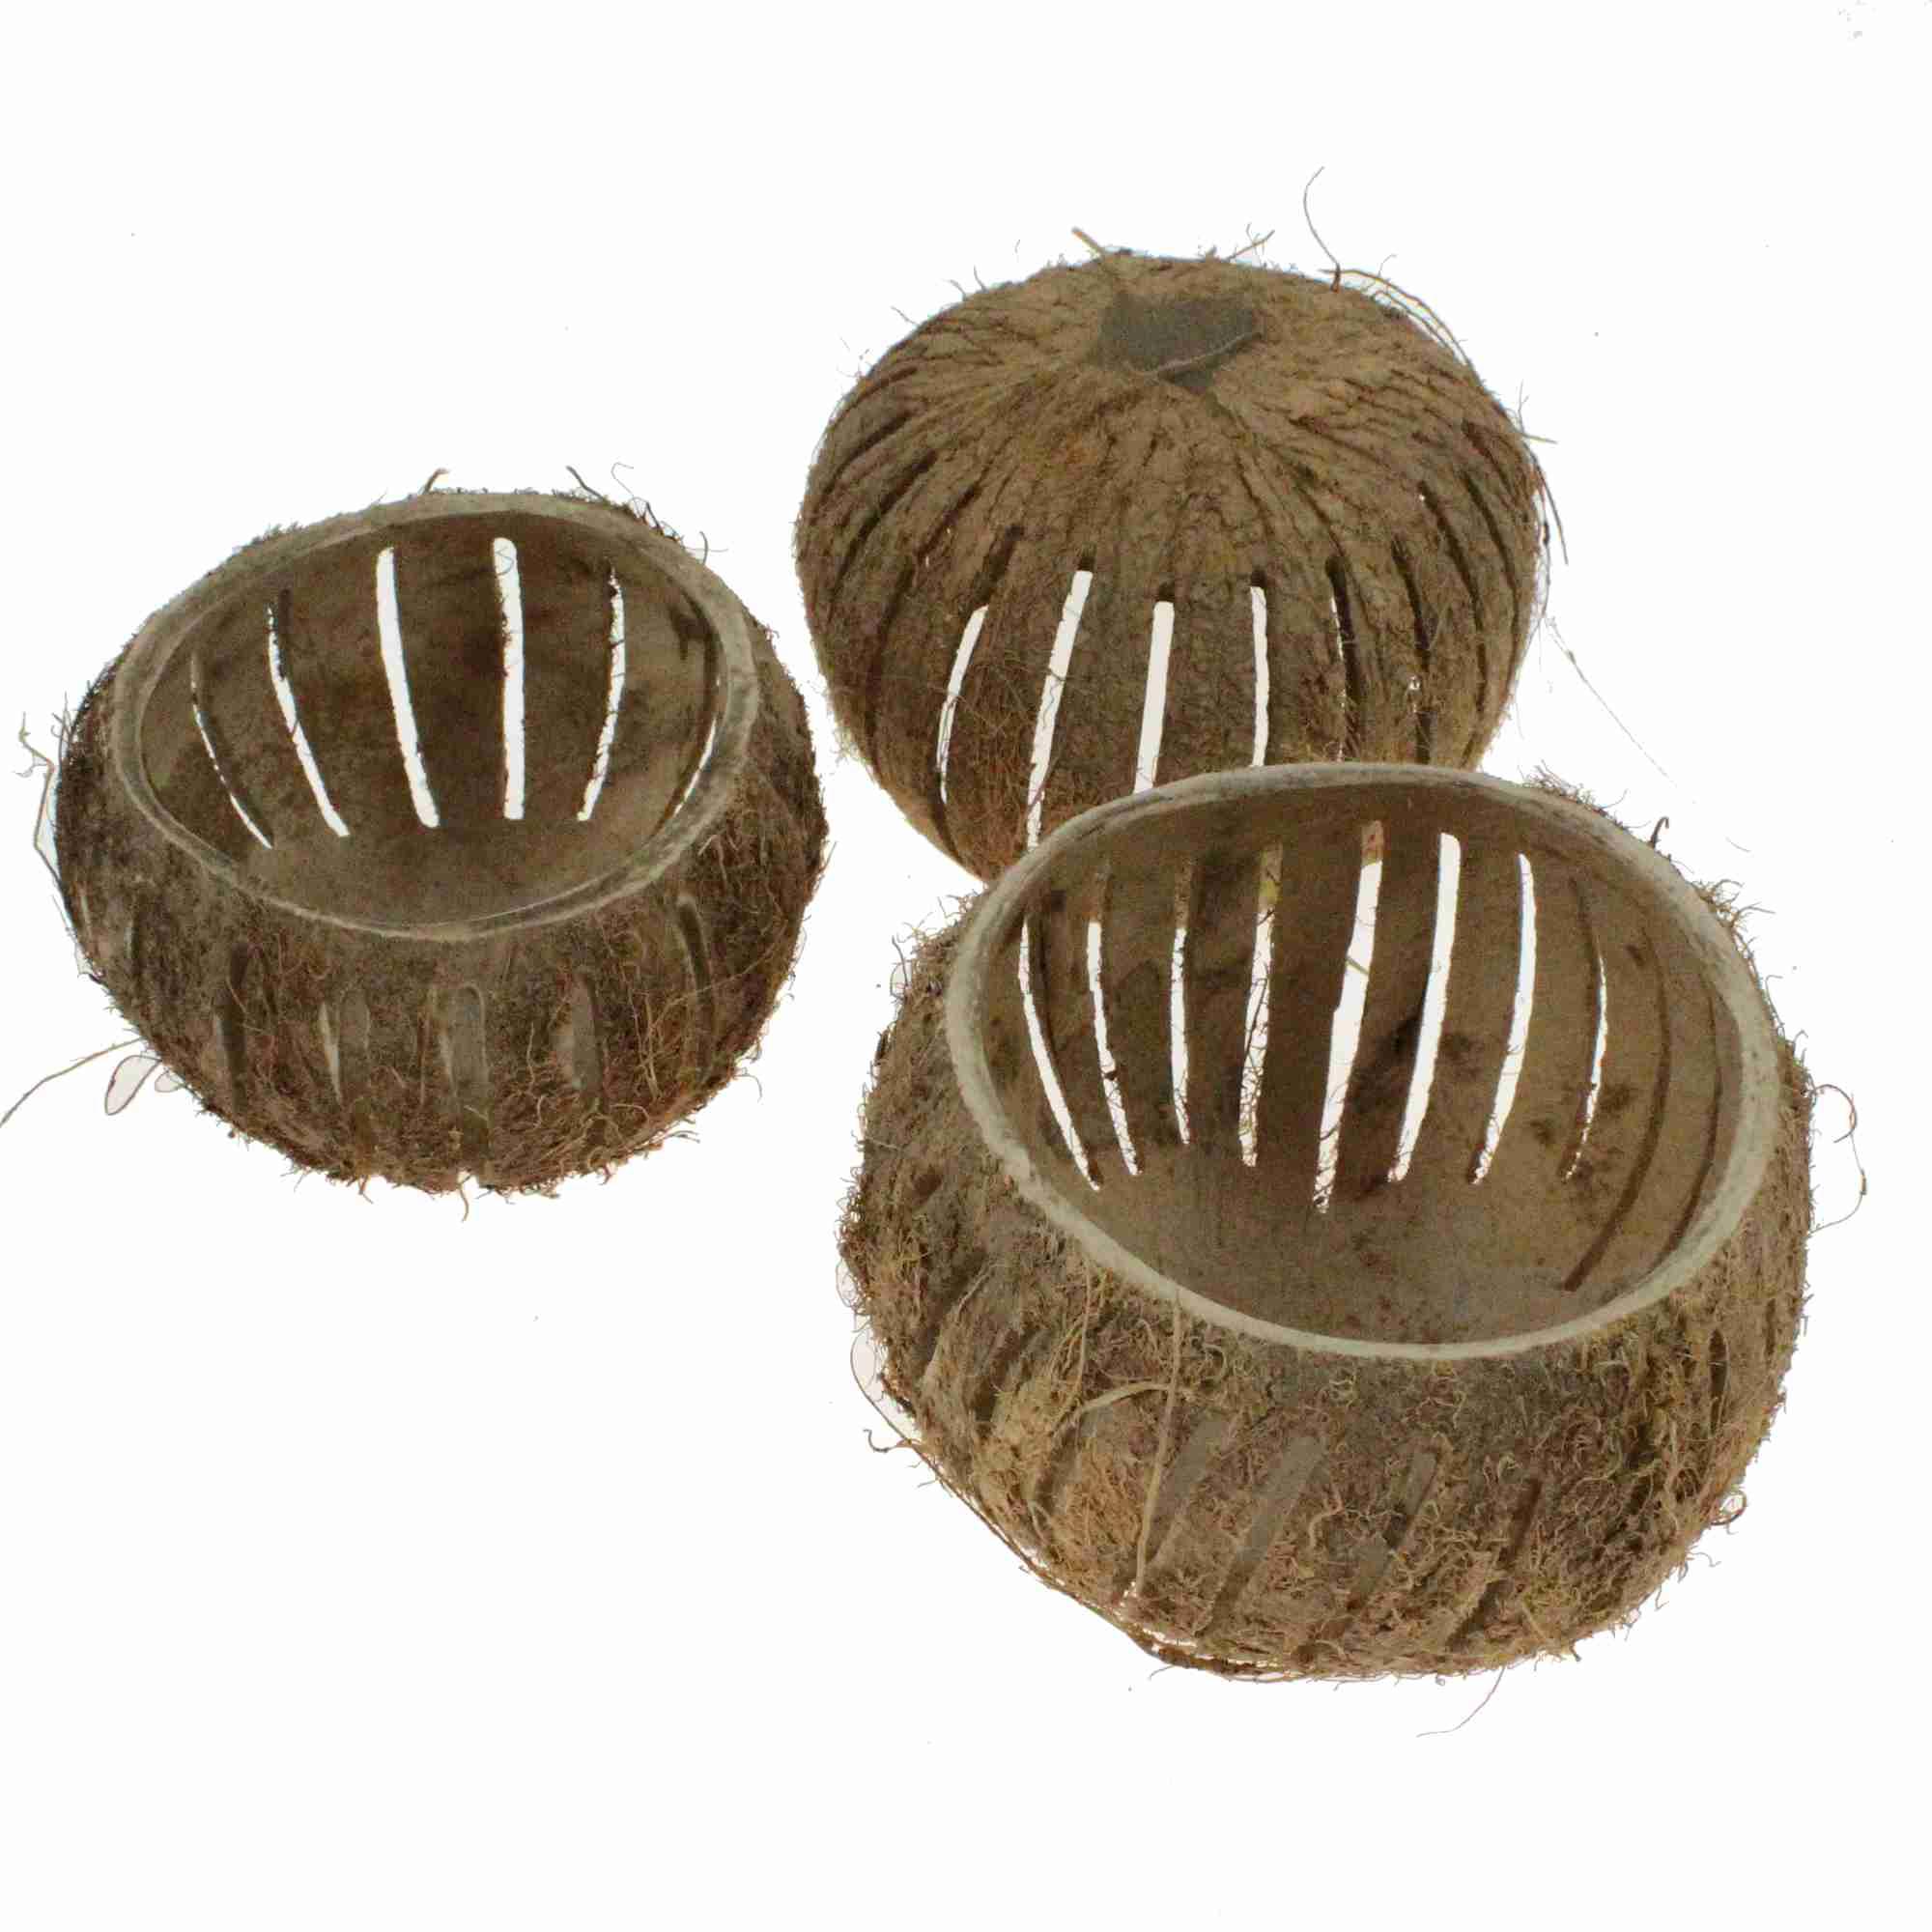 3 Kokosnuß Schalen Ø11-13cm Windlicht Tischleuchter Deko Kokosnuss Topf Cocos